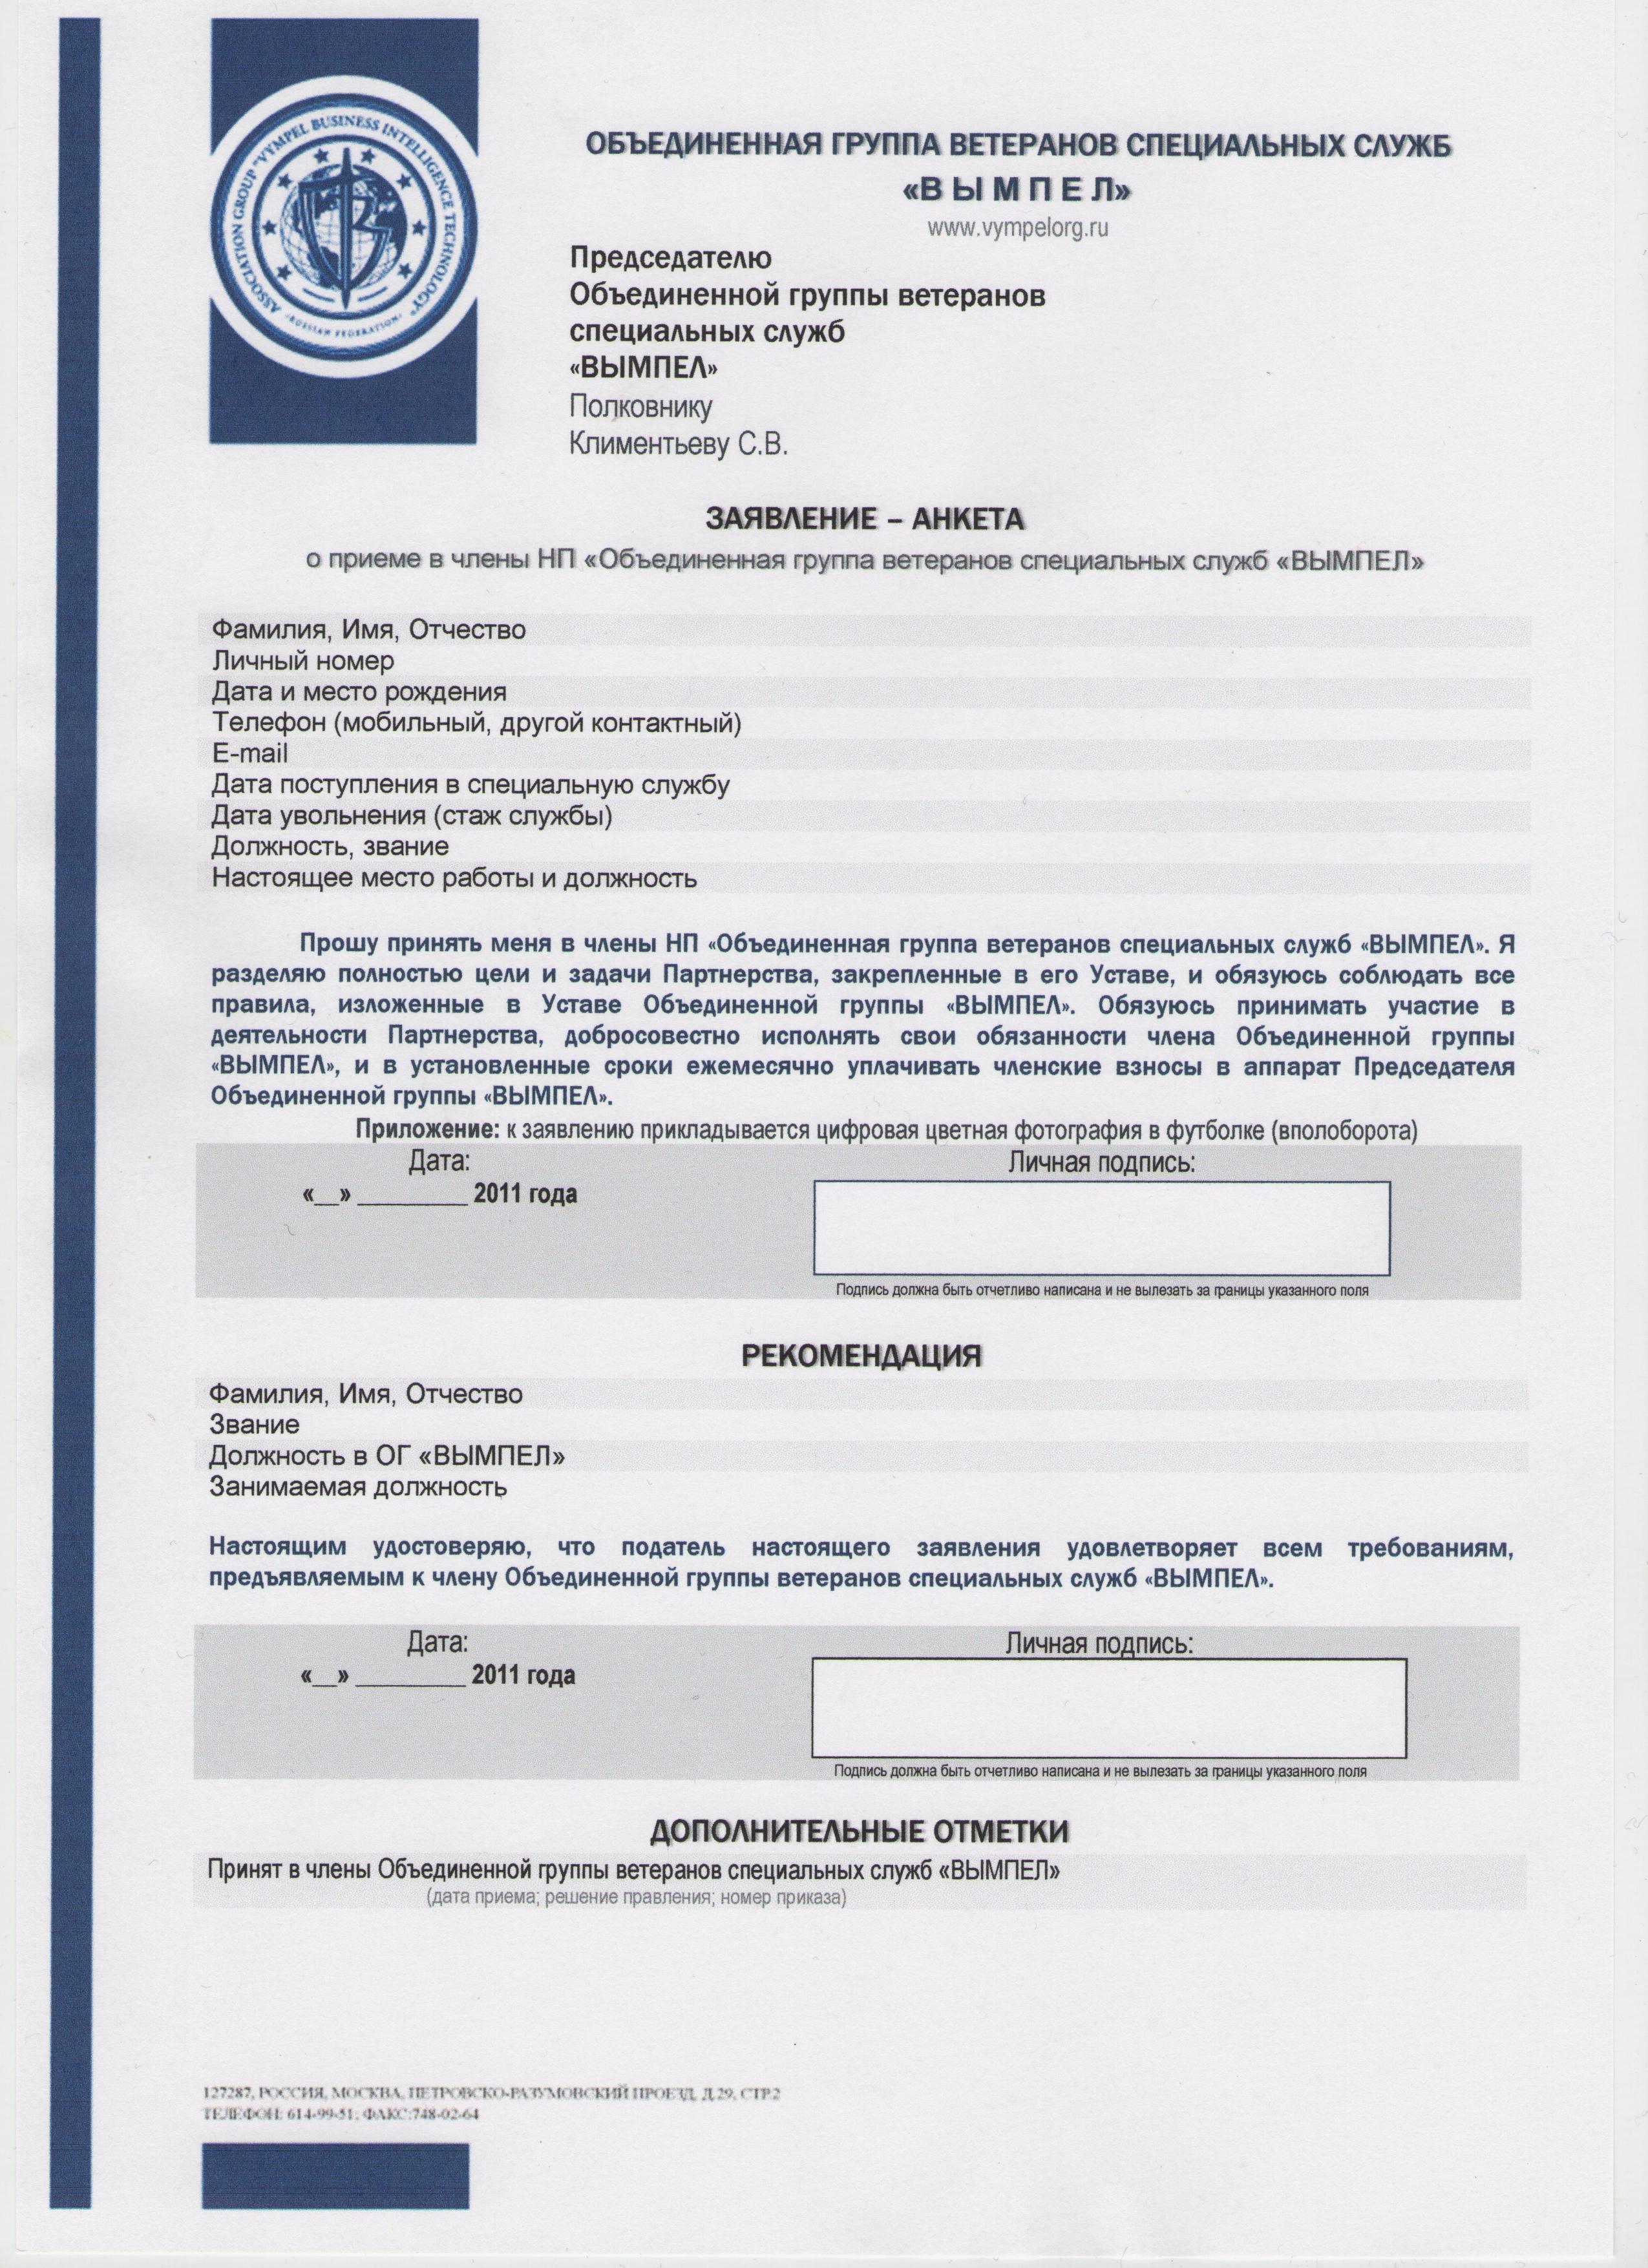 Заявление о приеме в гражданство рф - ff8b